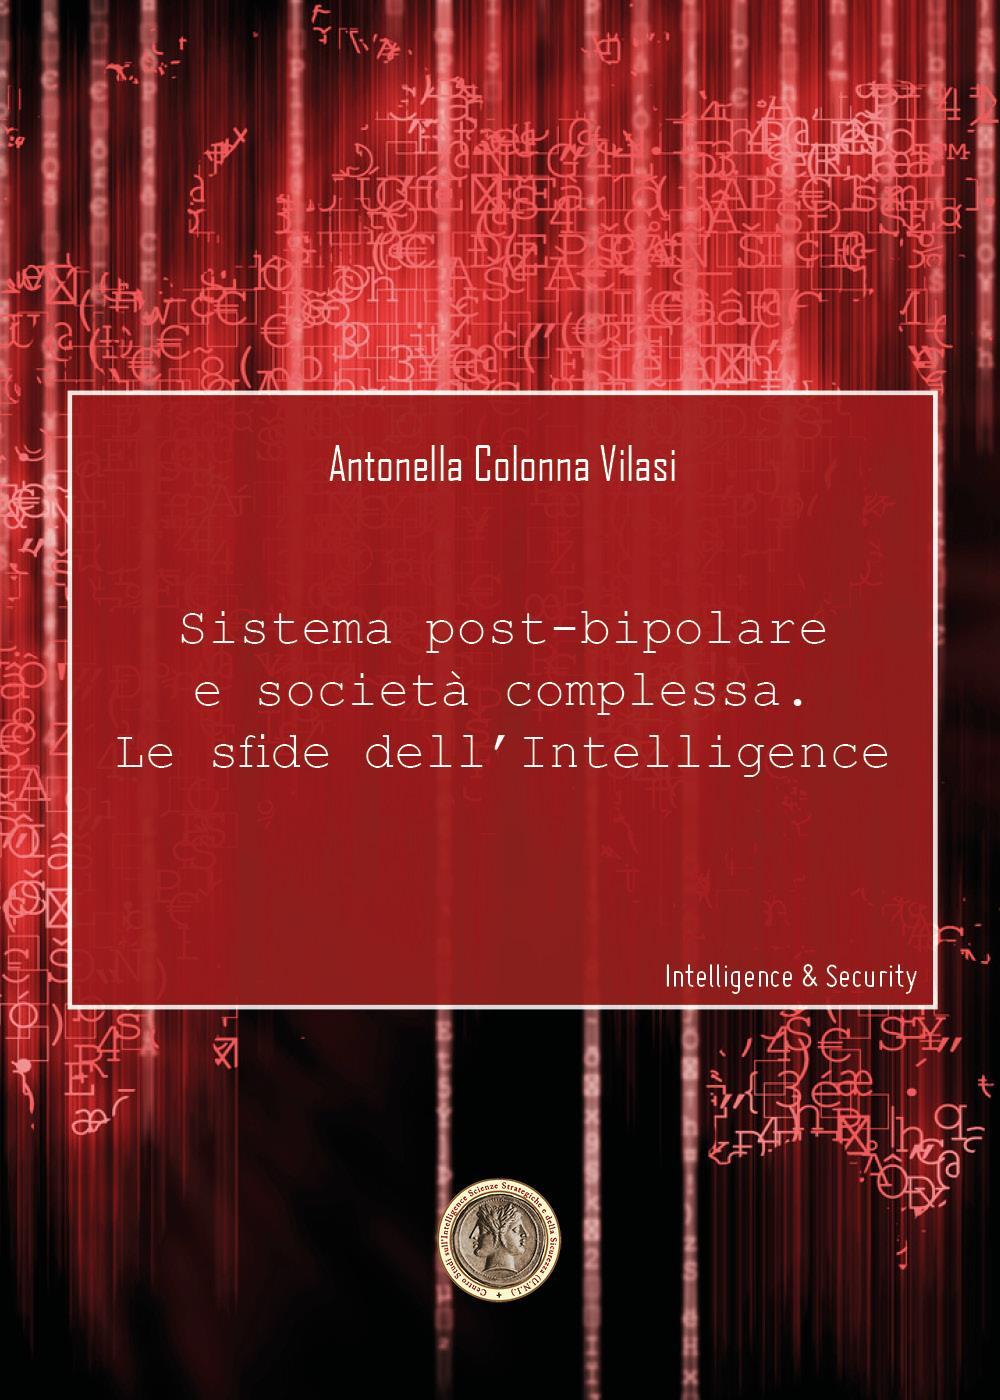 Sistema post-bipolare e società complessa. Le sfide dell'Intelligence